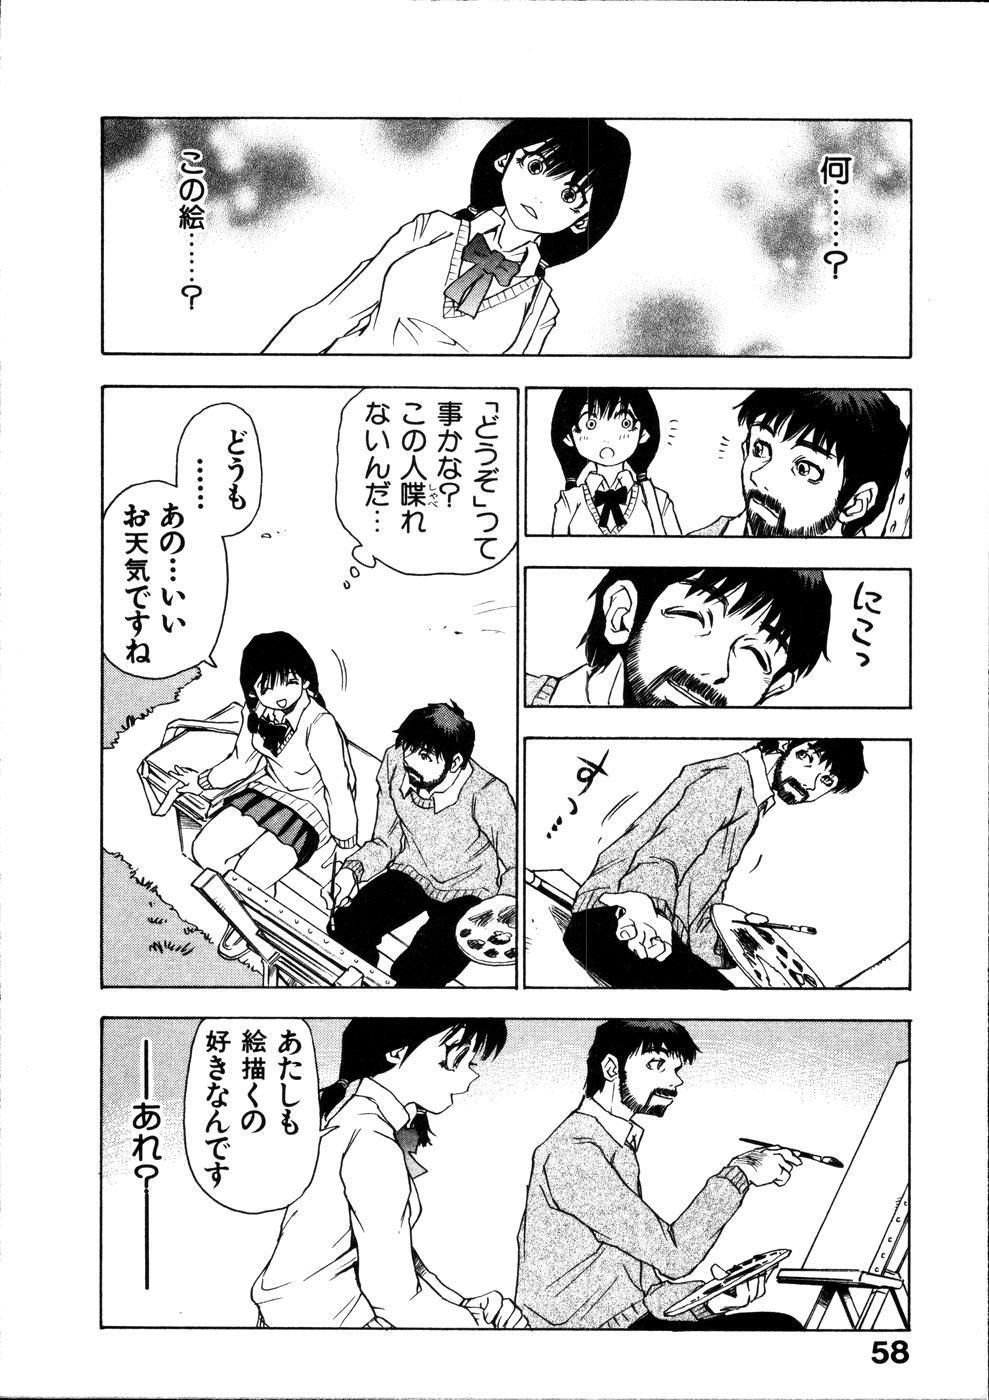 Hotaru 58